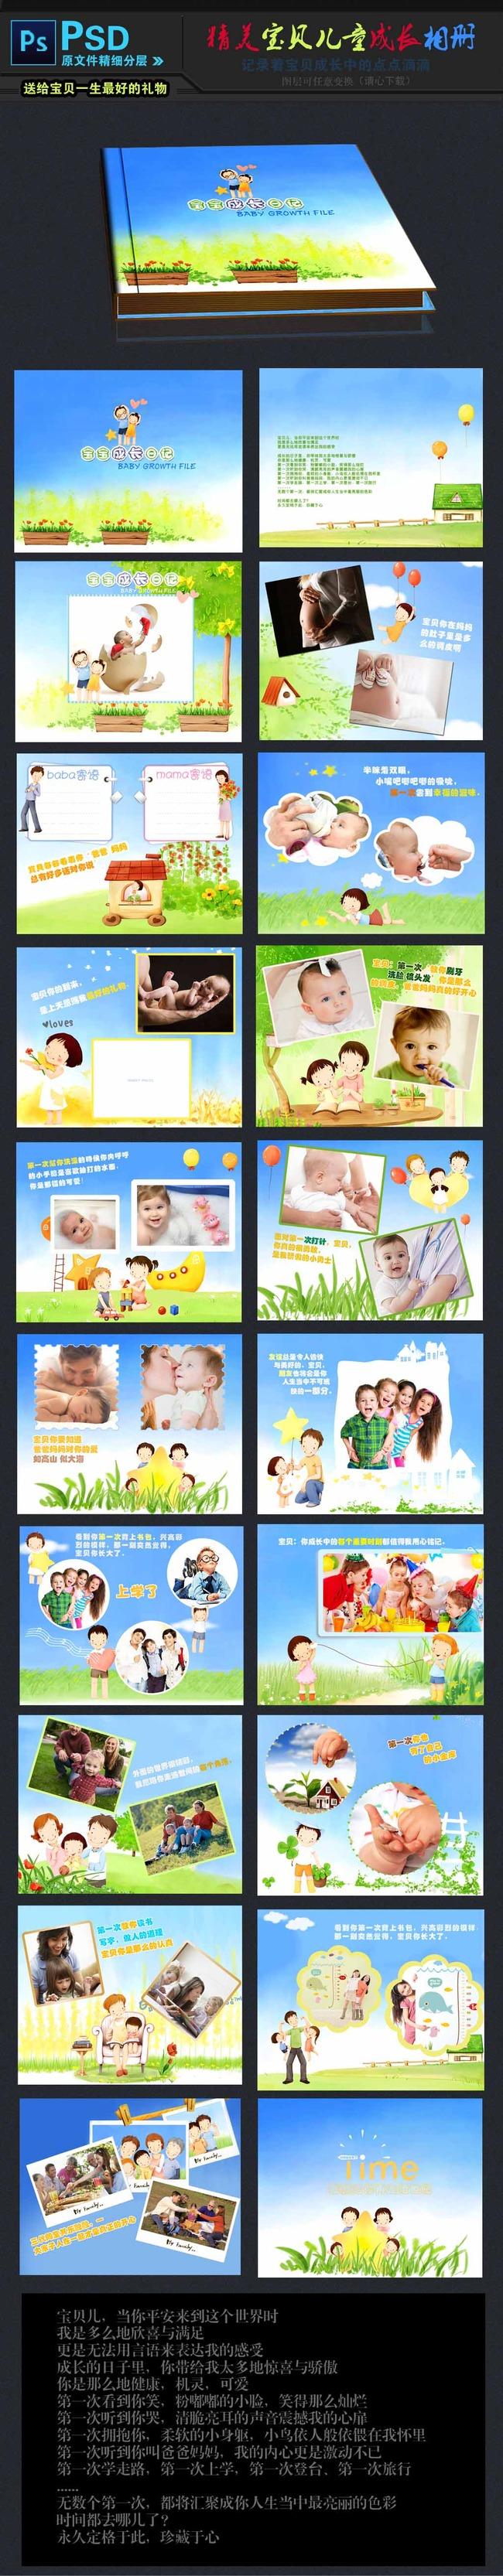 幼儿成长手册